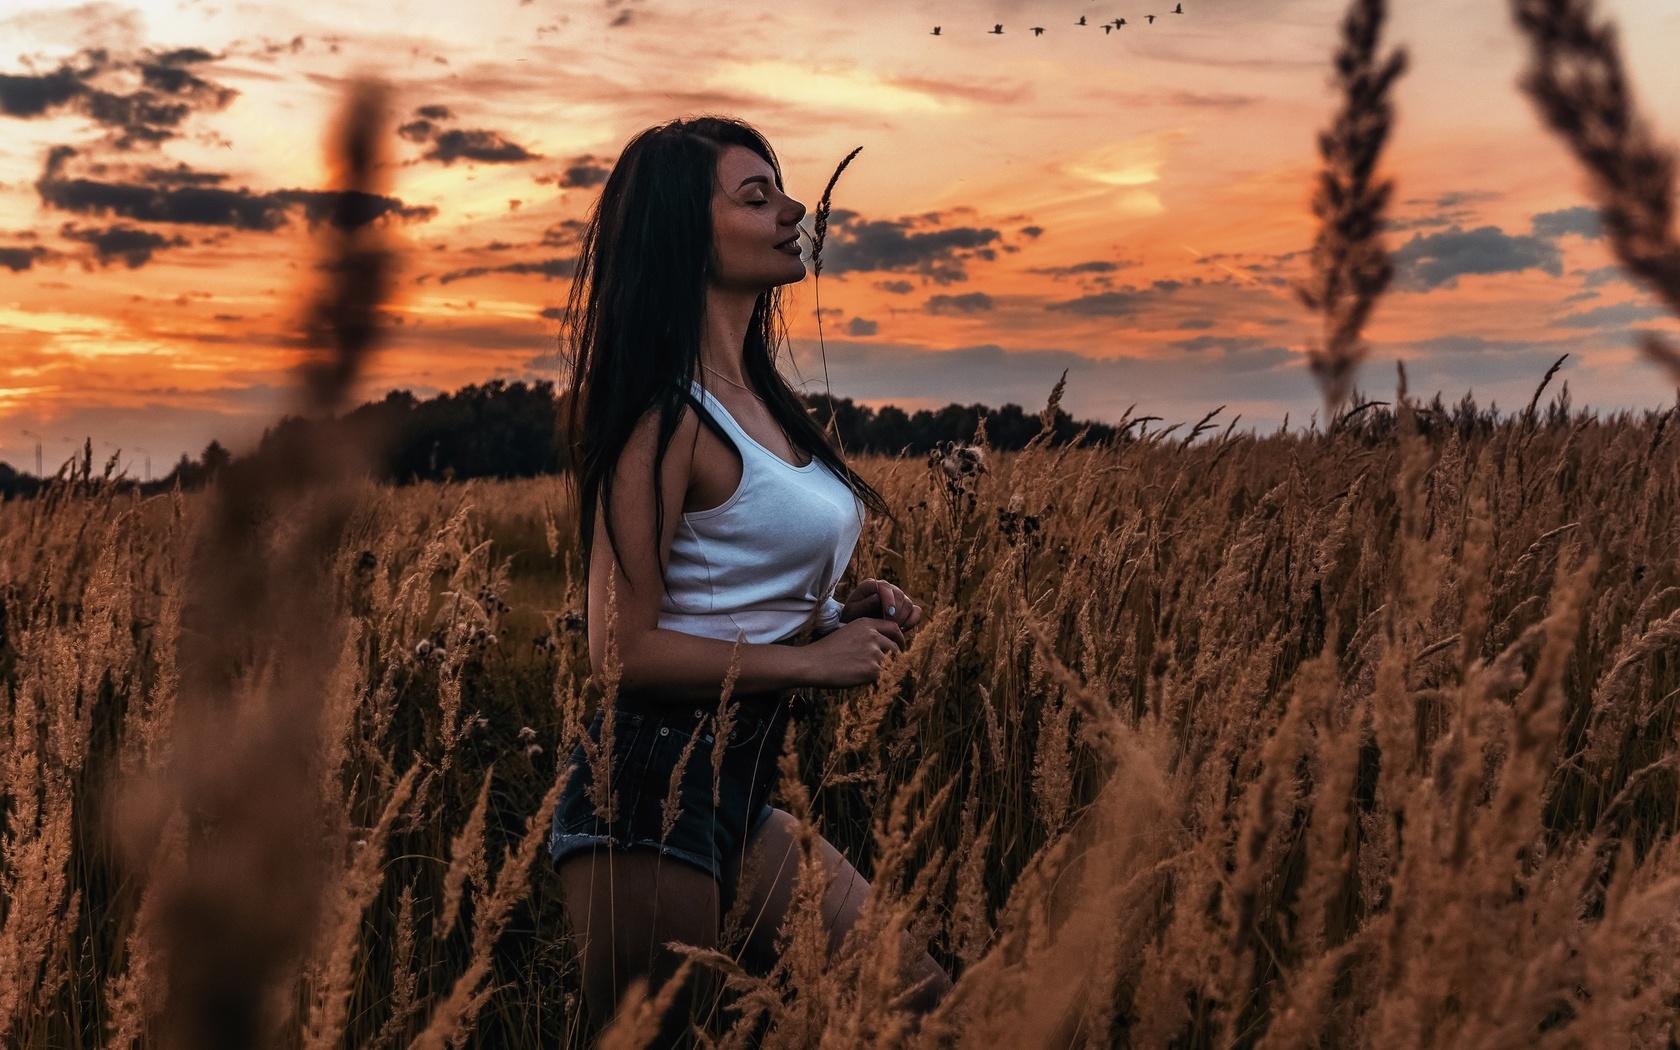 девушка, поле, трава, закат, вечер